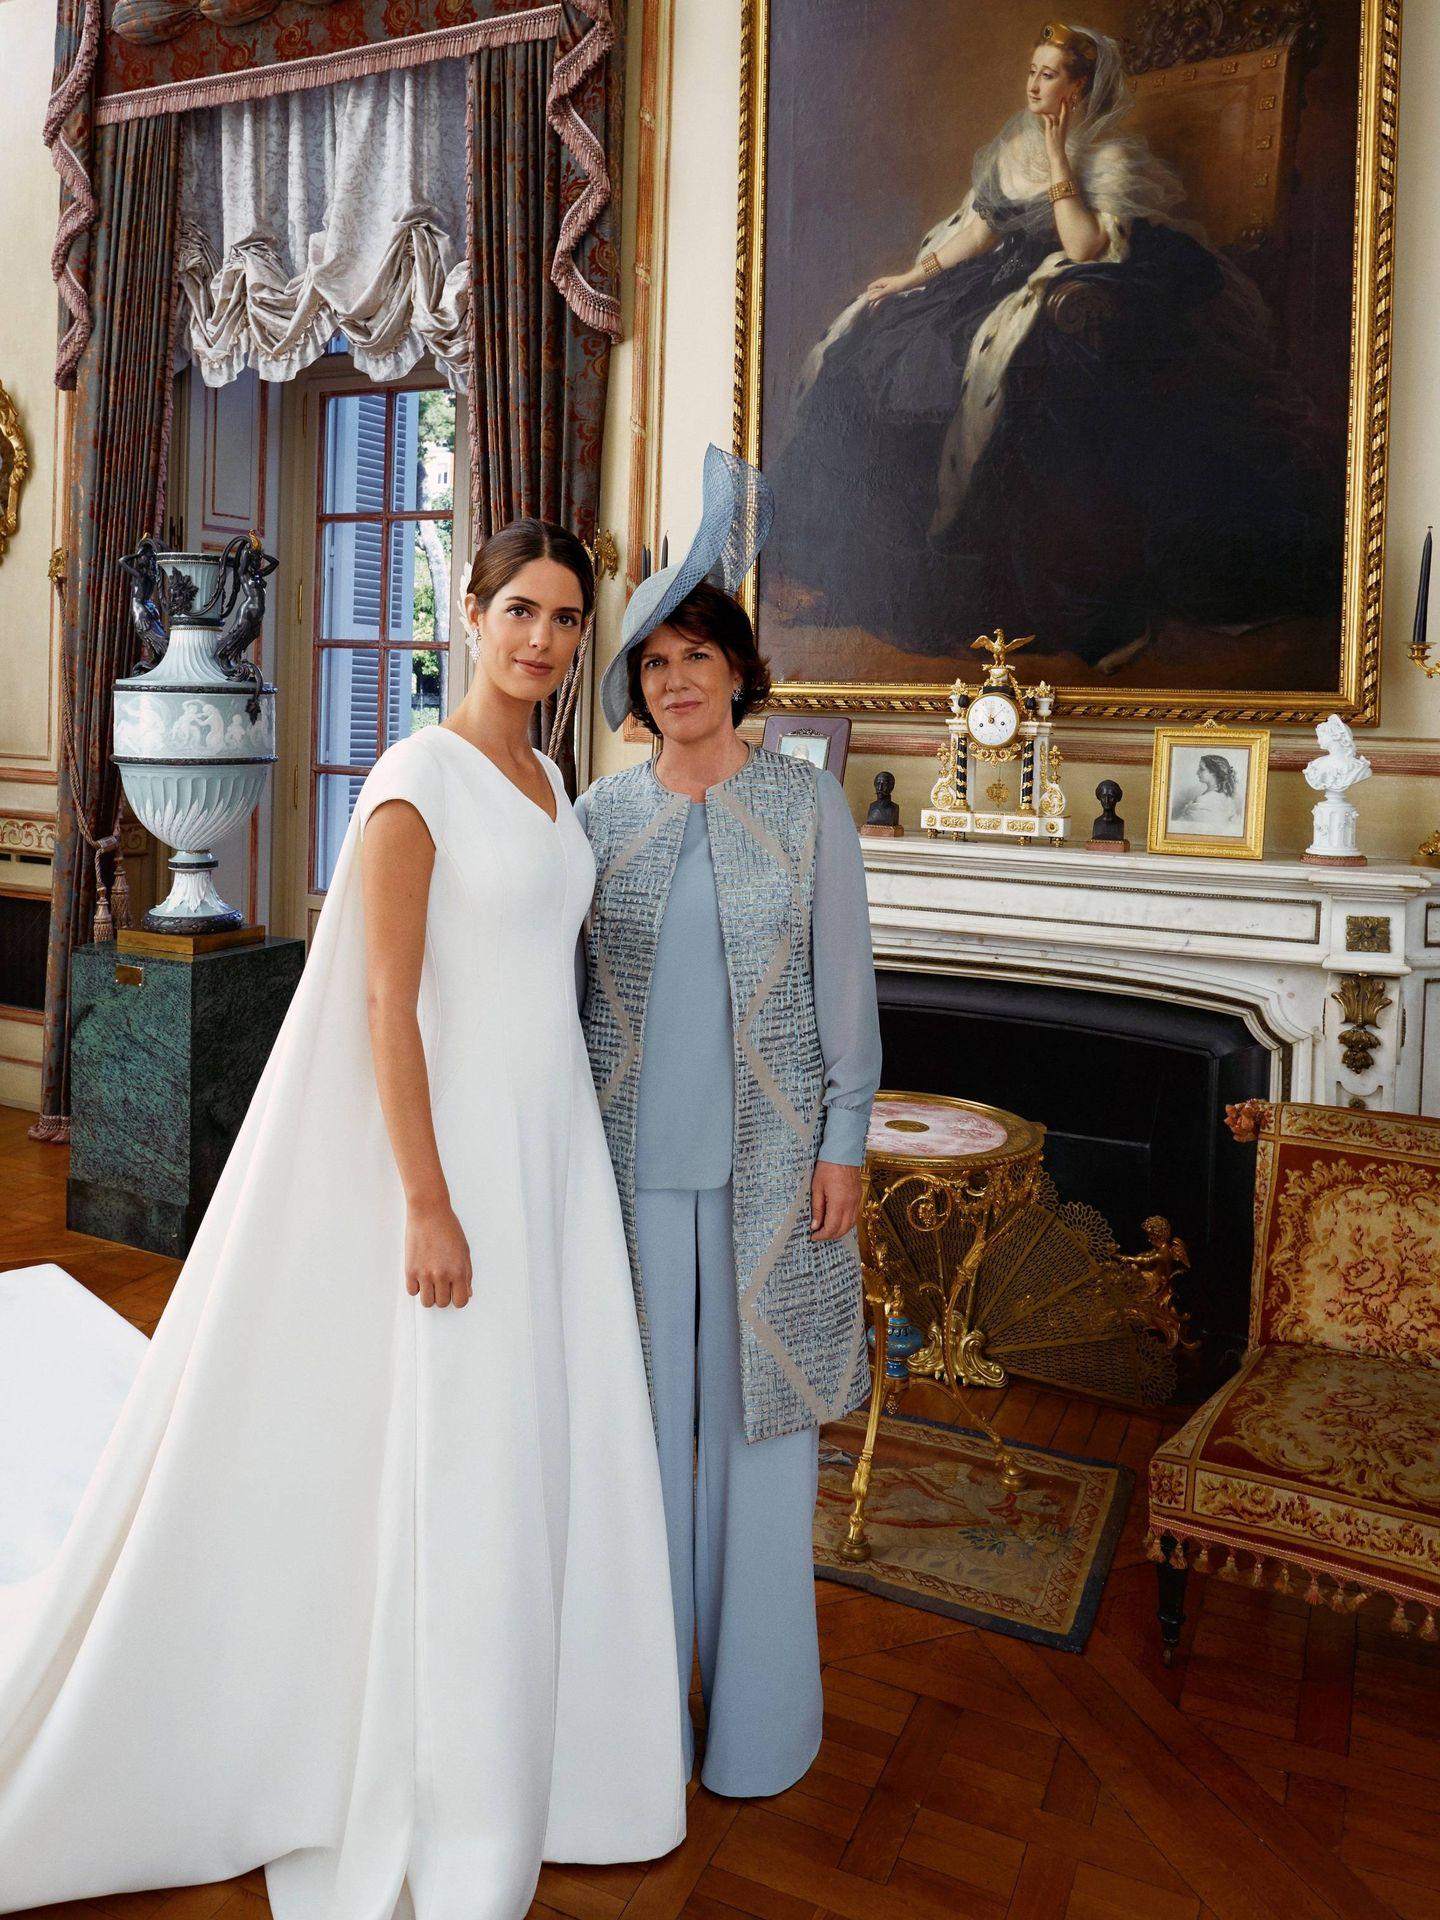 Sofía Palazuelo y su madre, Sofía Barroso, el día de su boda. (EFE)